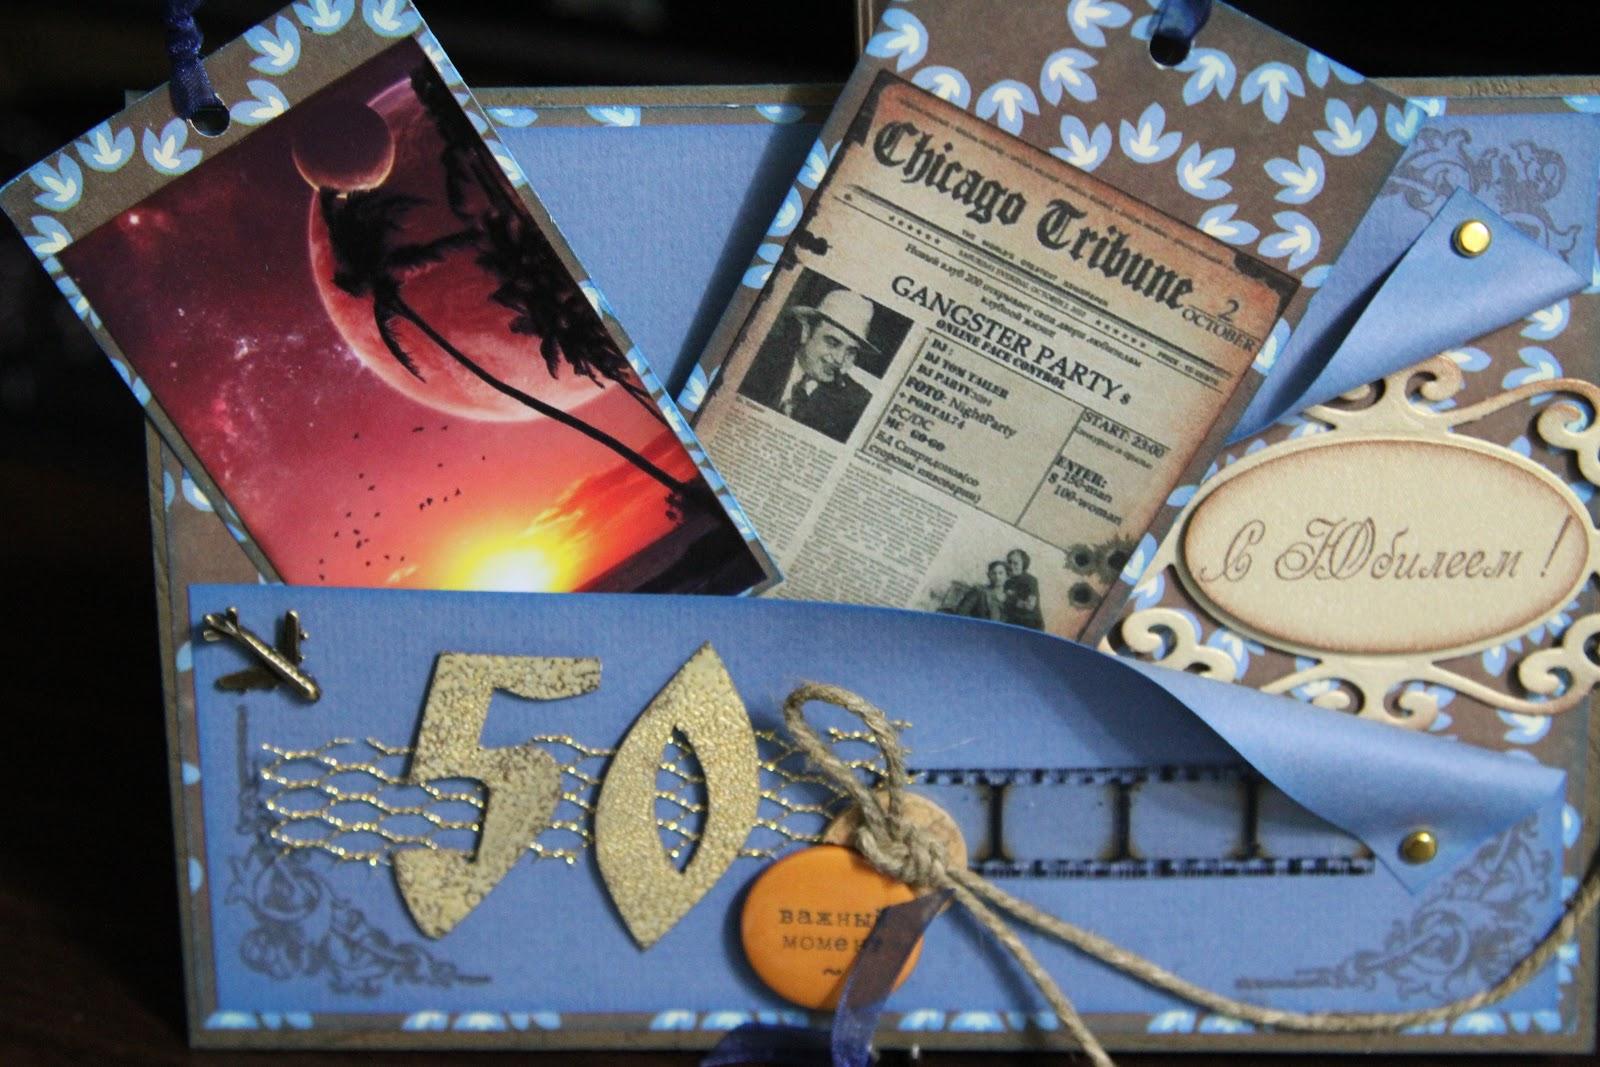 Открытки с днем рождения 50 лет мужчине фото, разные